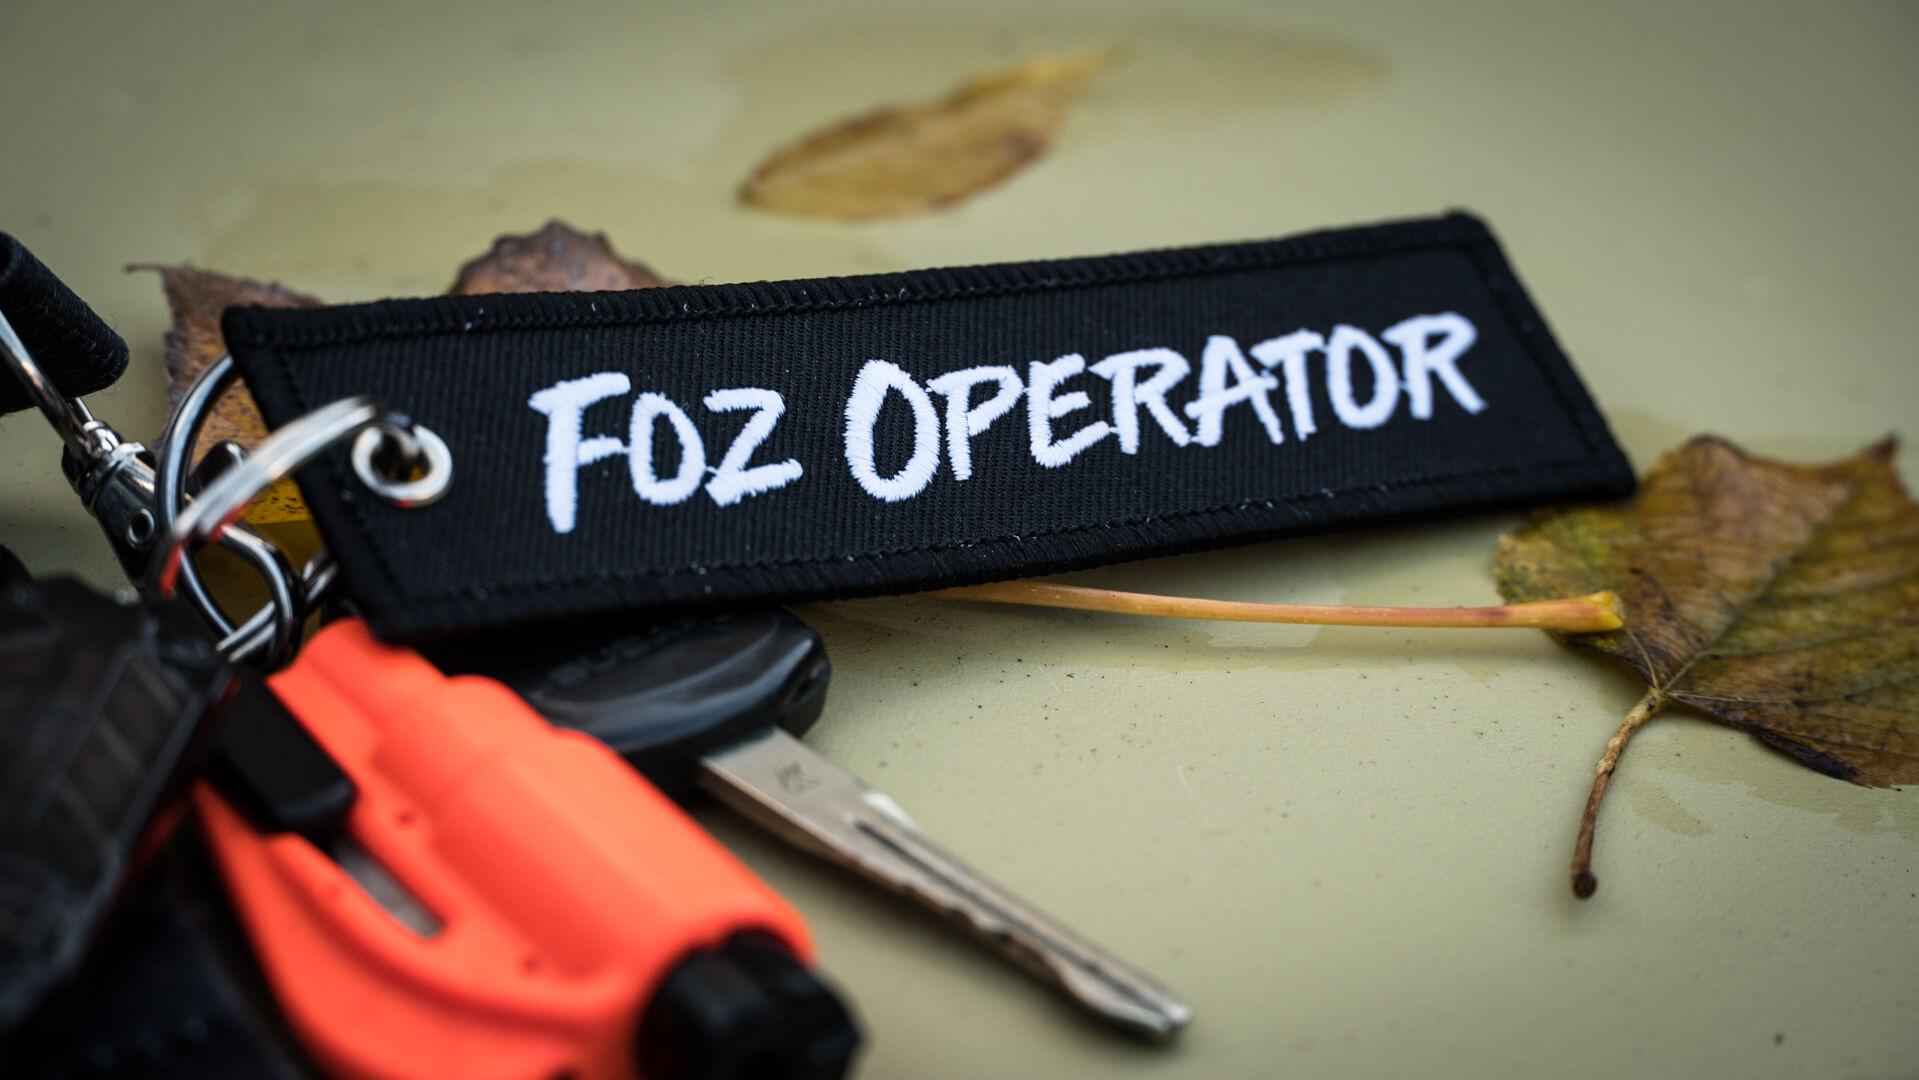 foz-operator-keychain-with-tactifoz-key